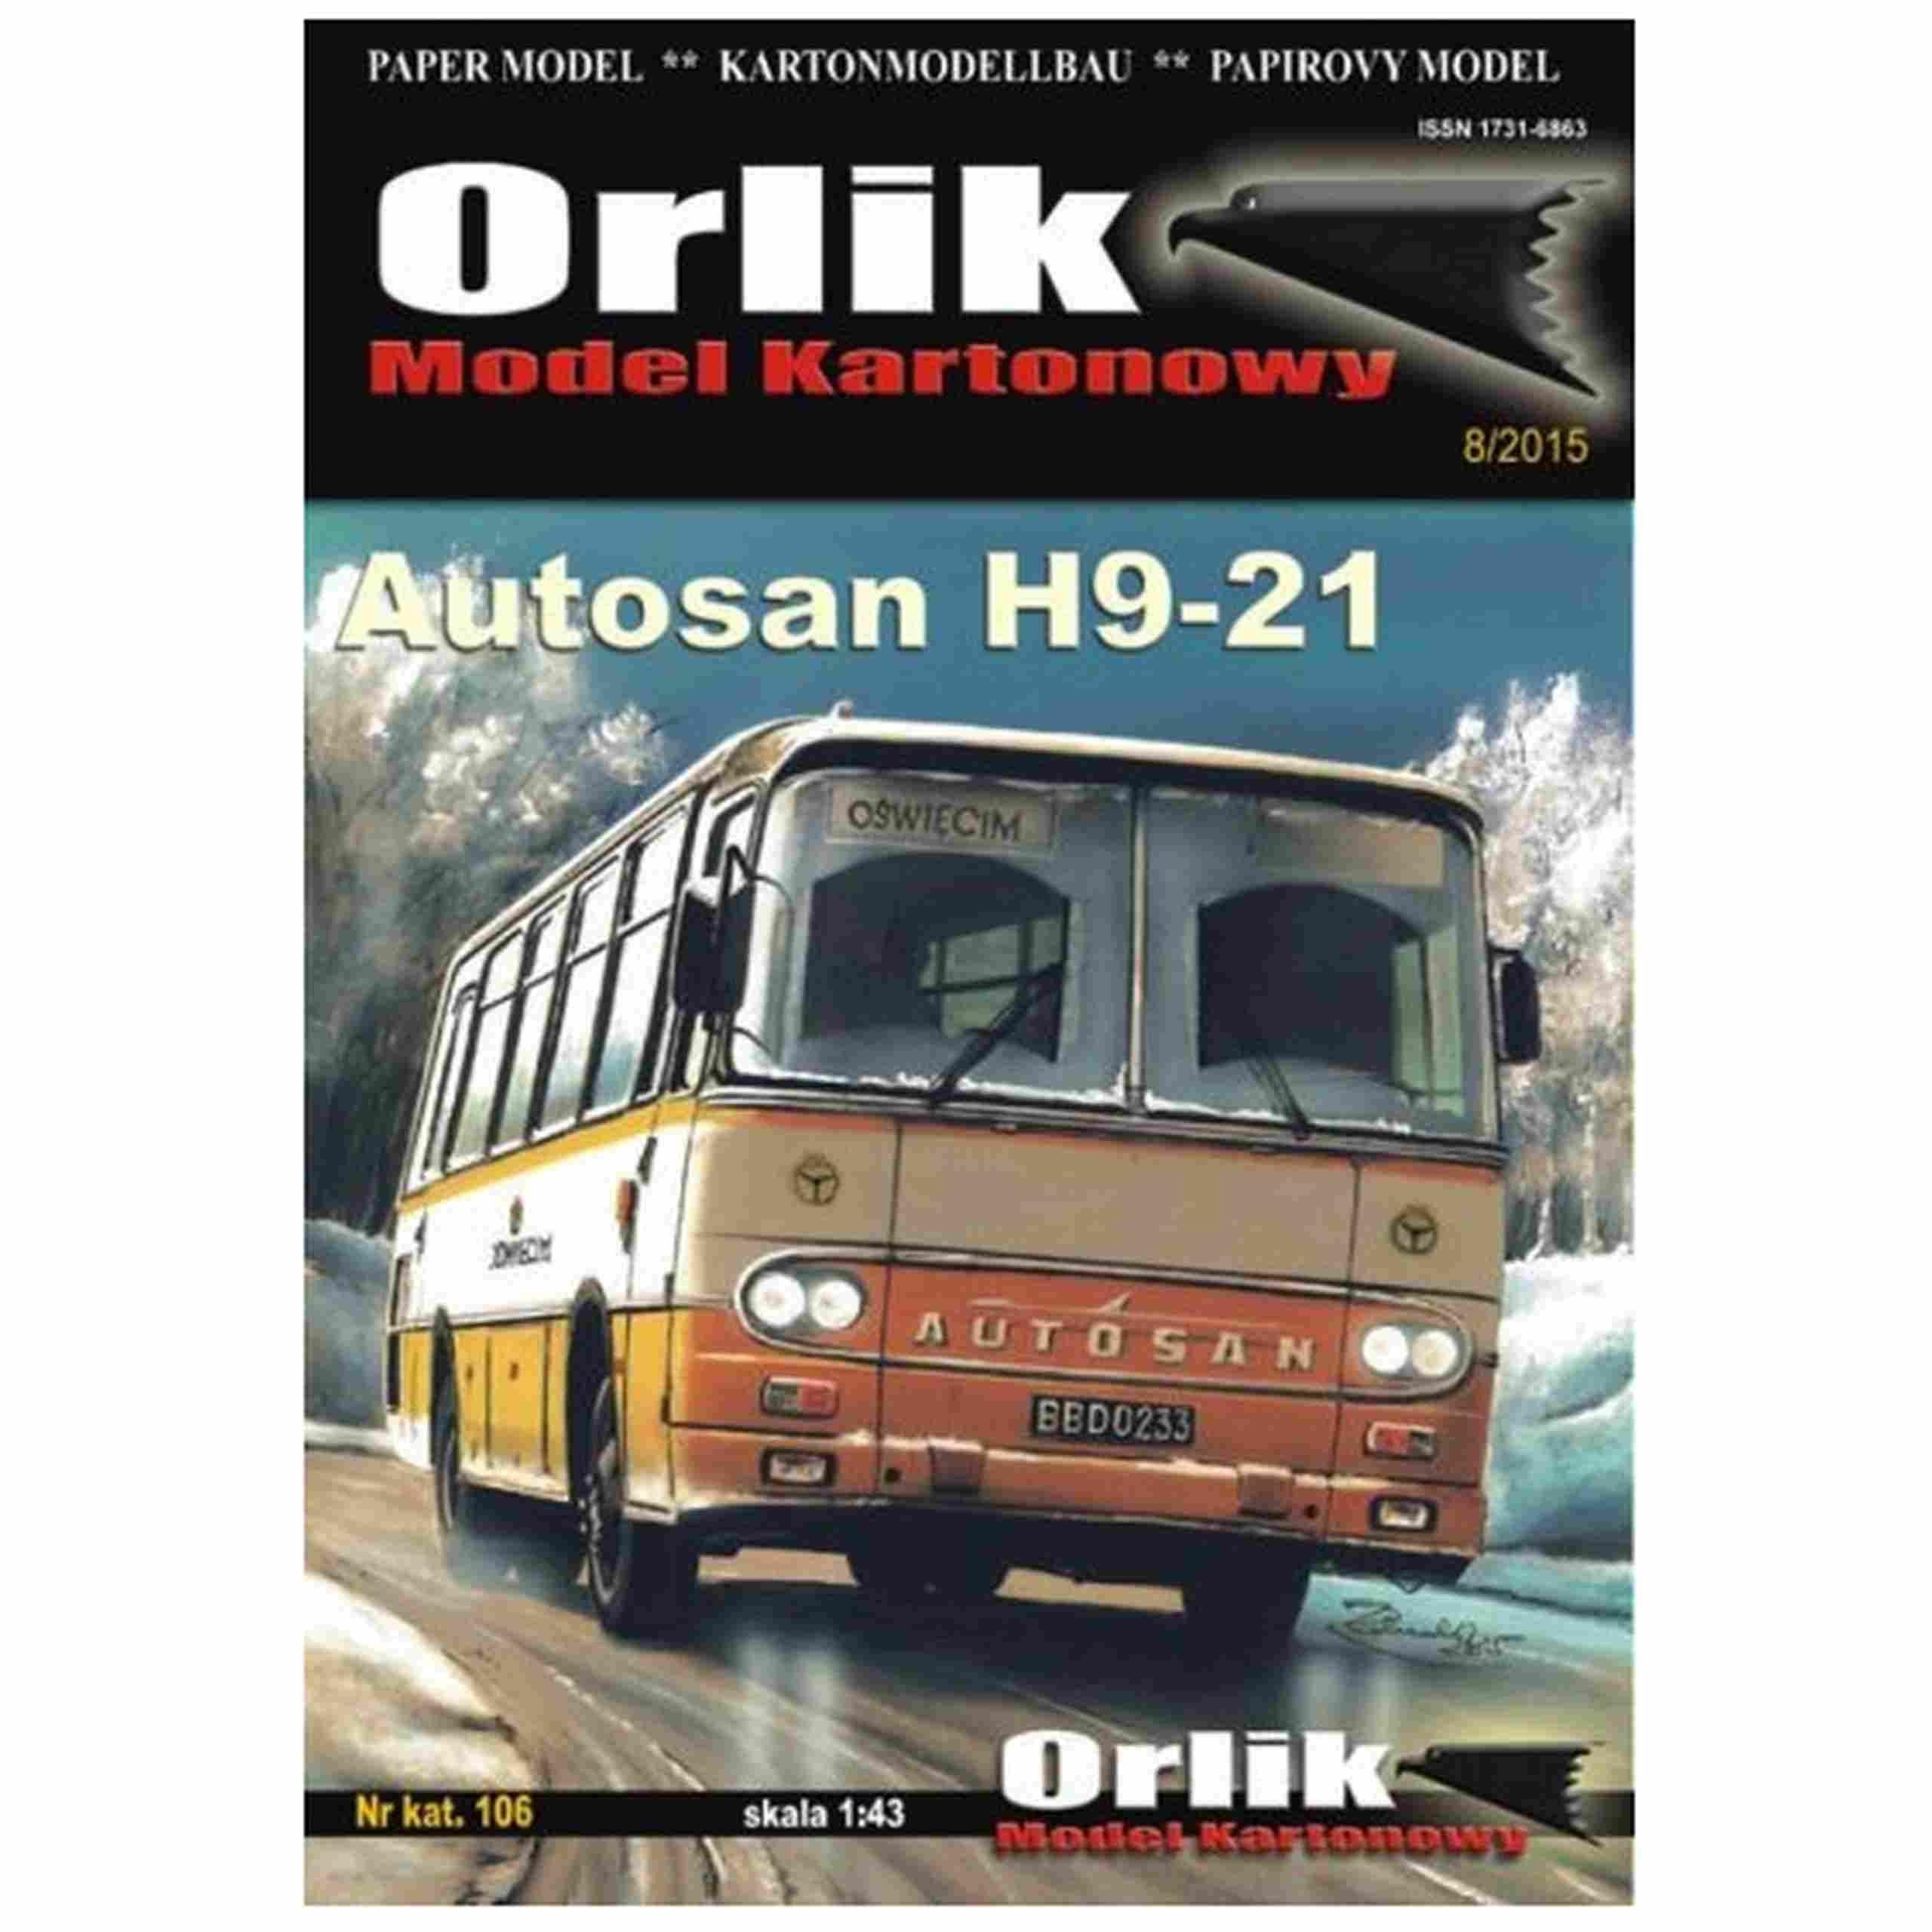 ORLIK 106 - Poľský autobus Autosan H9-21 1:43